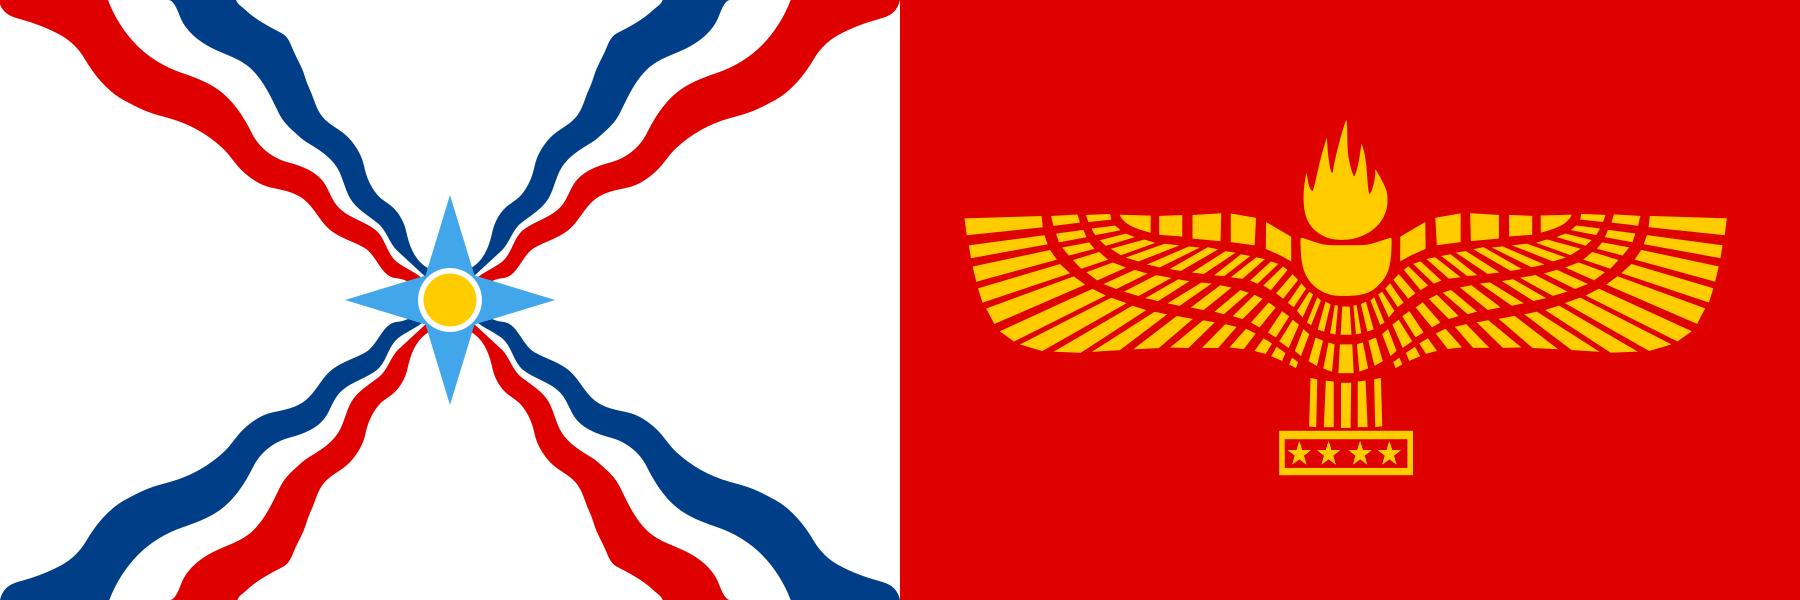 File:Assyrian Aramean Flag.PNG.